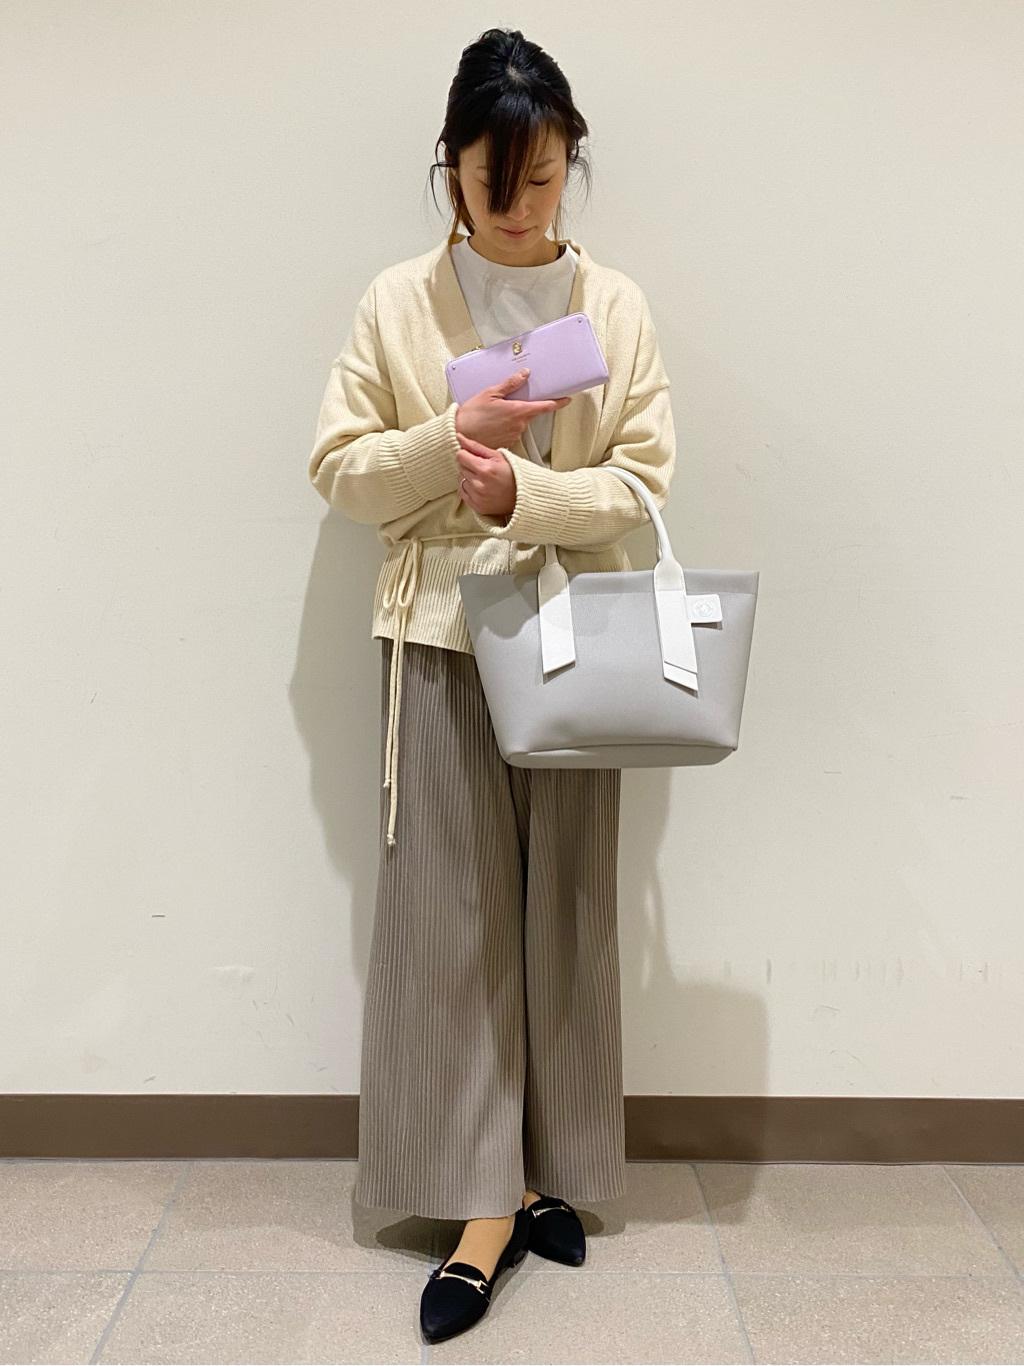 &シュエット相模大野ステーションスクエア店 kyon